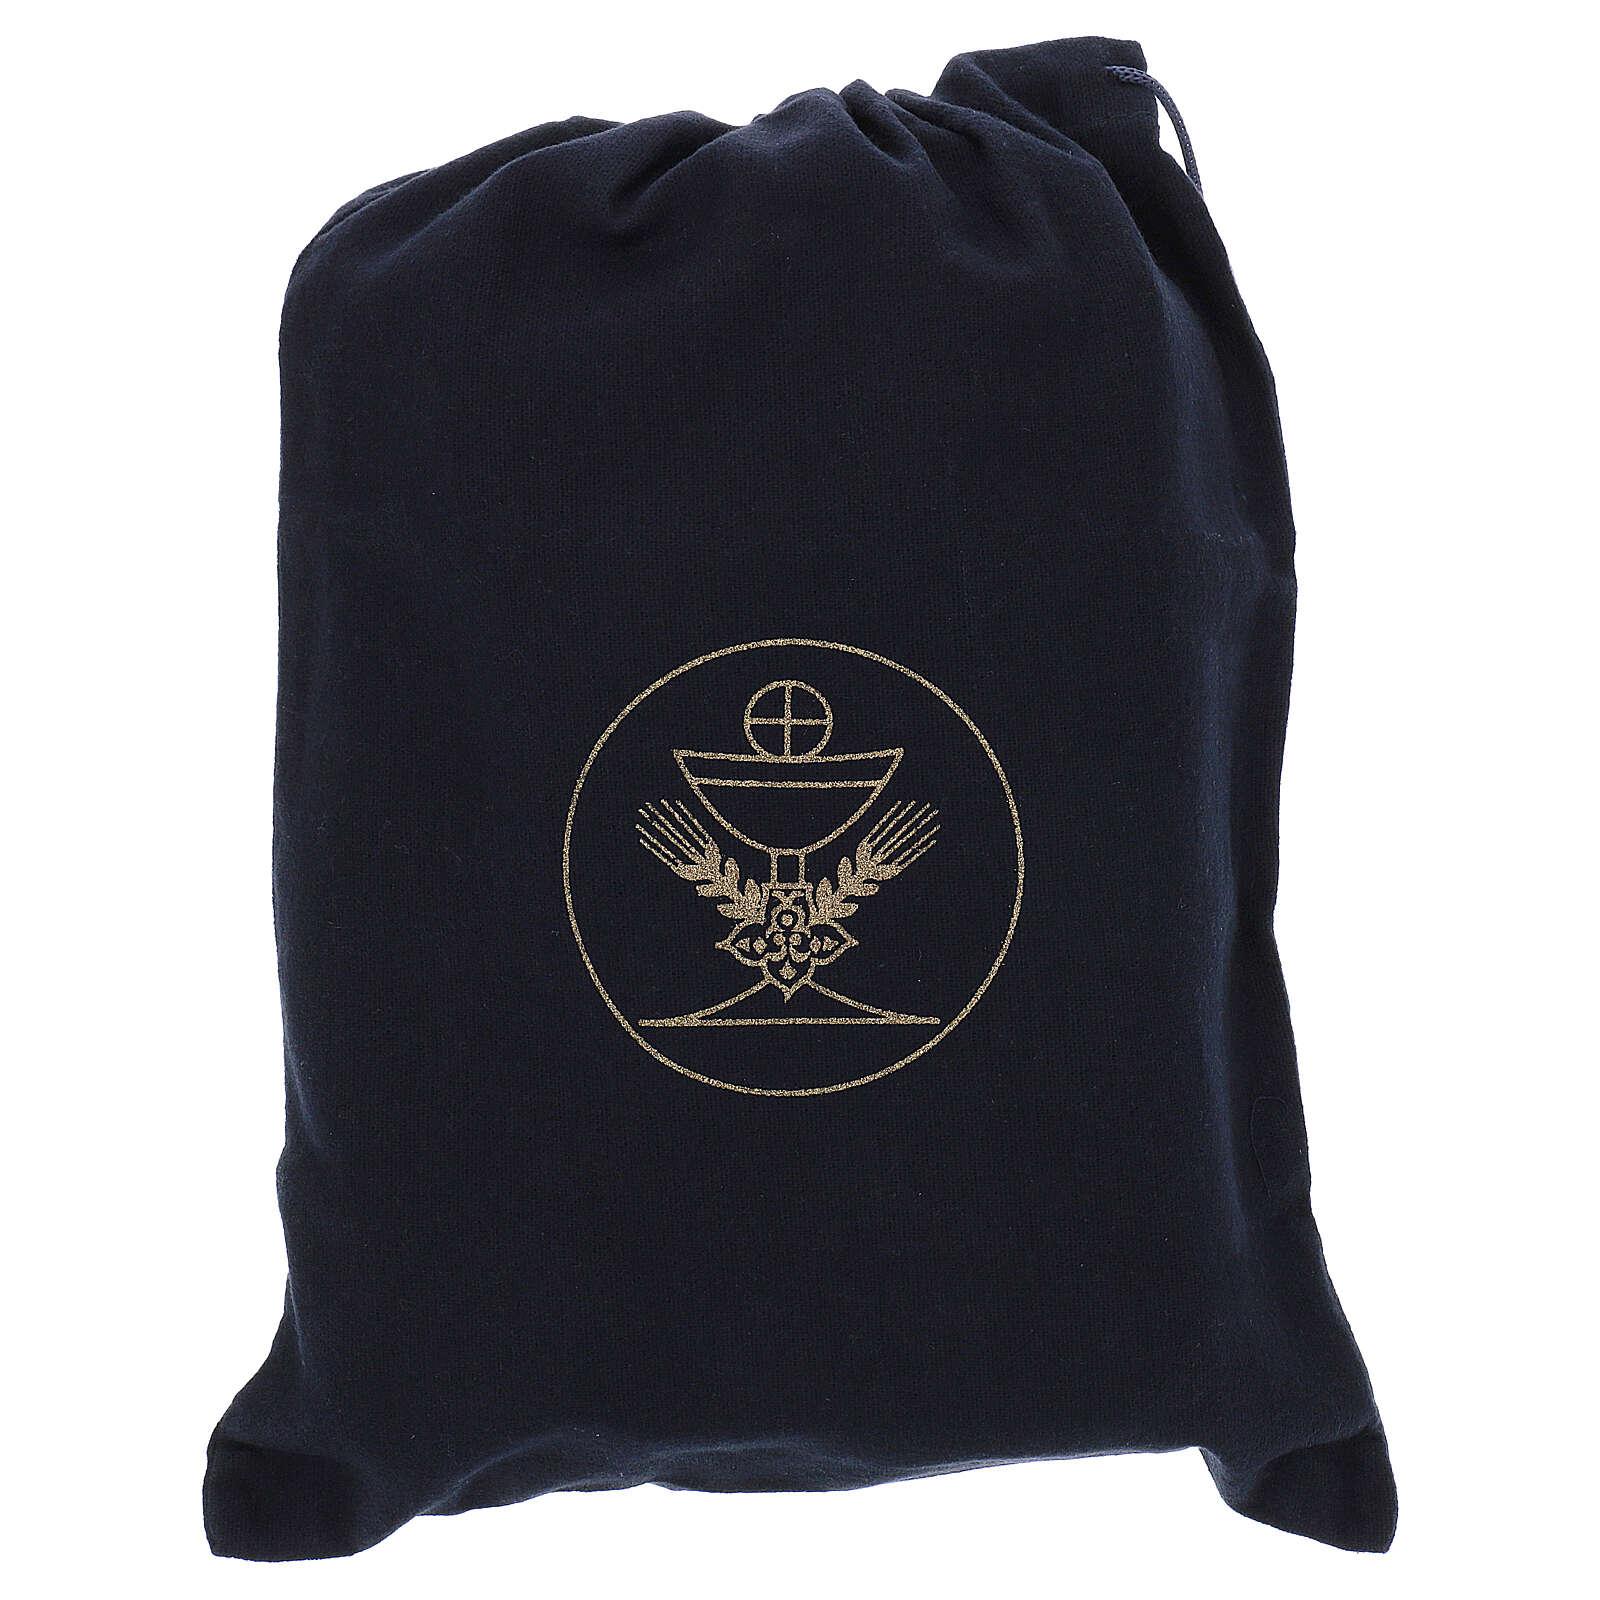 Sacoche noir en cuir avec nécessaire pour célébration et intérieur jacquard bleu 3